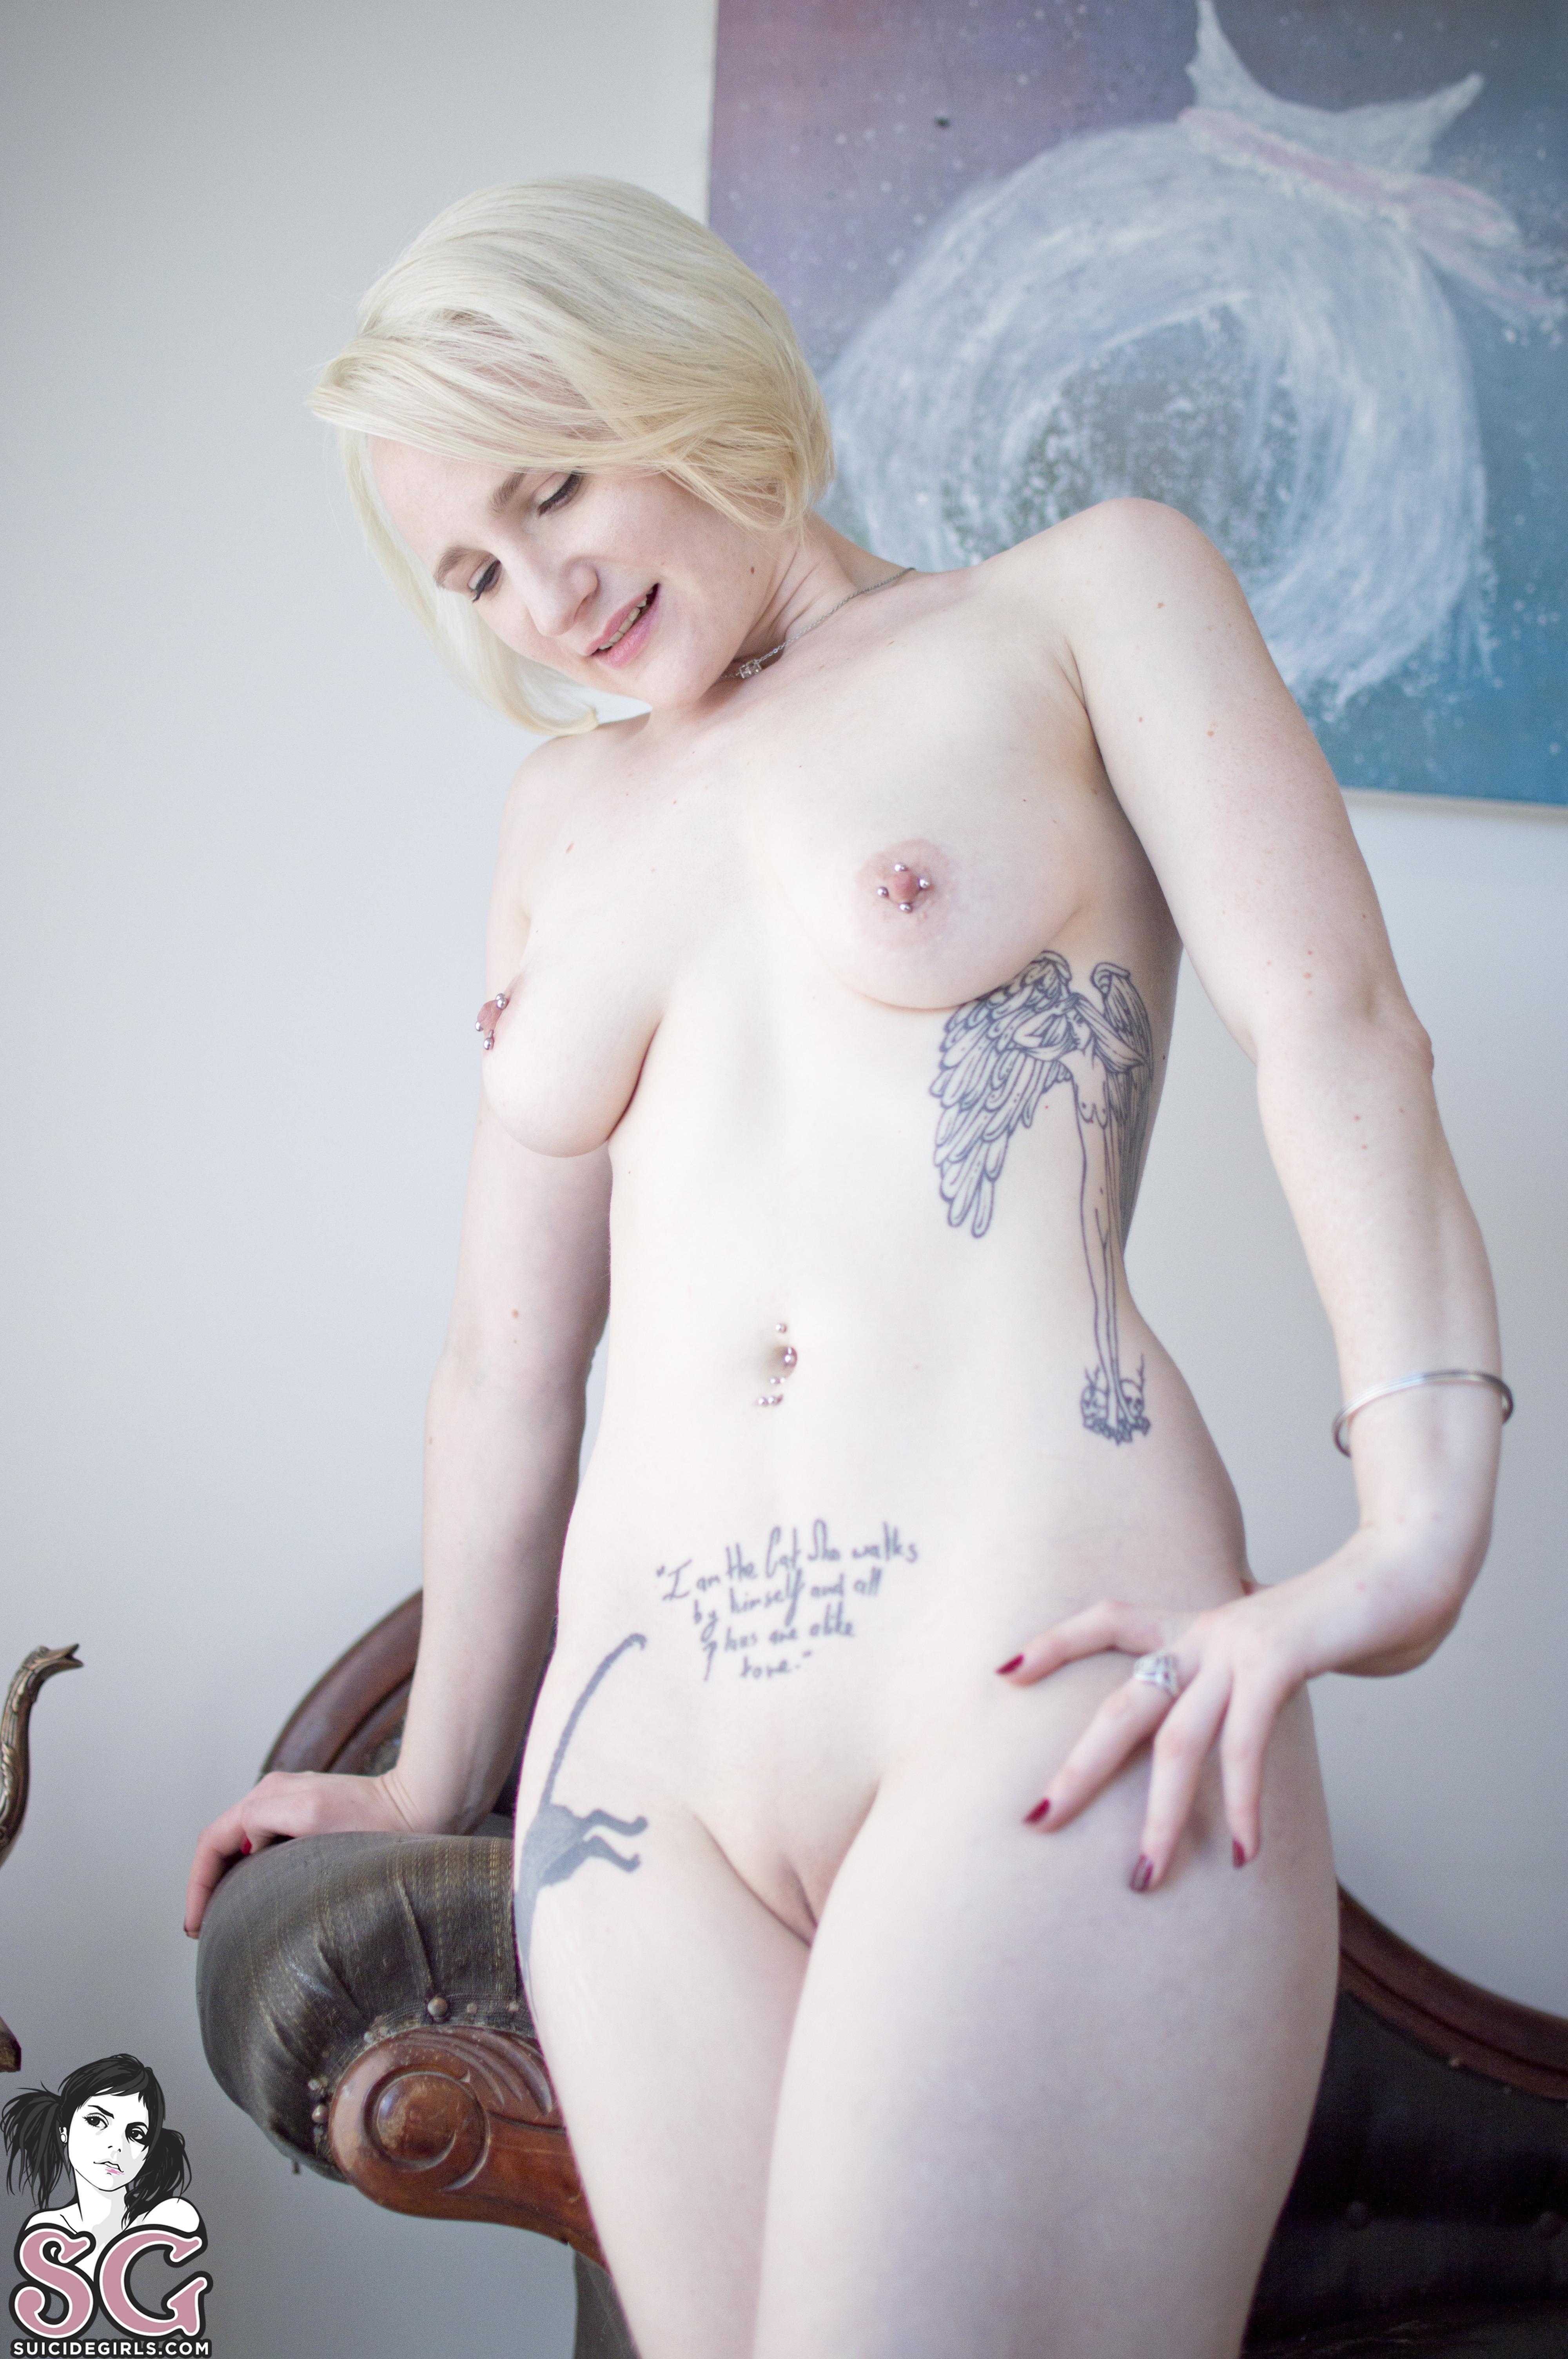 Twiggy tallant nude